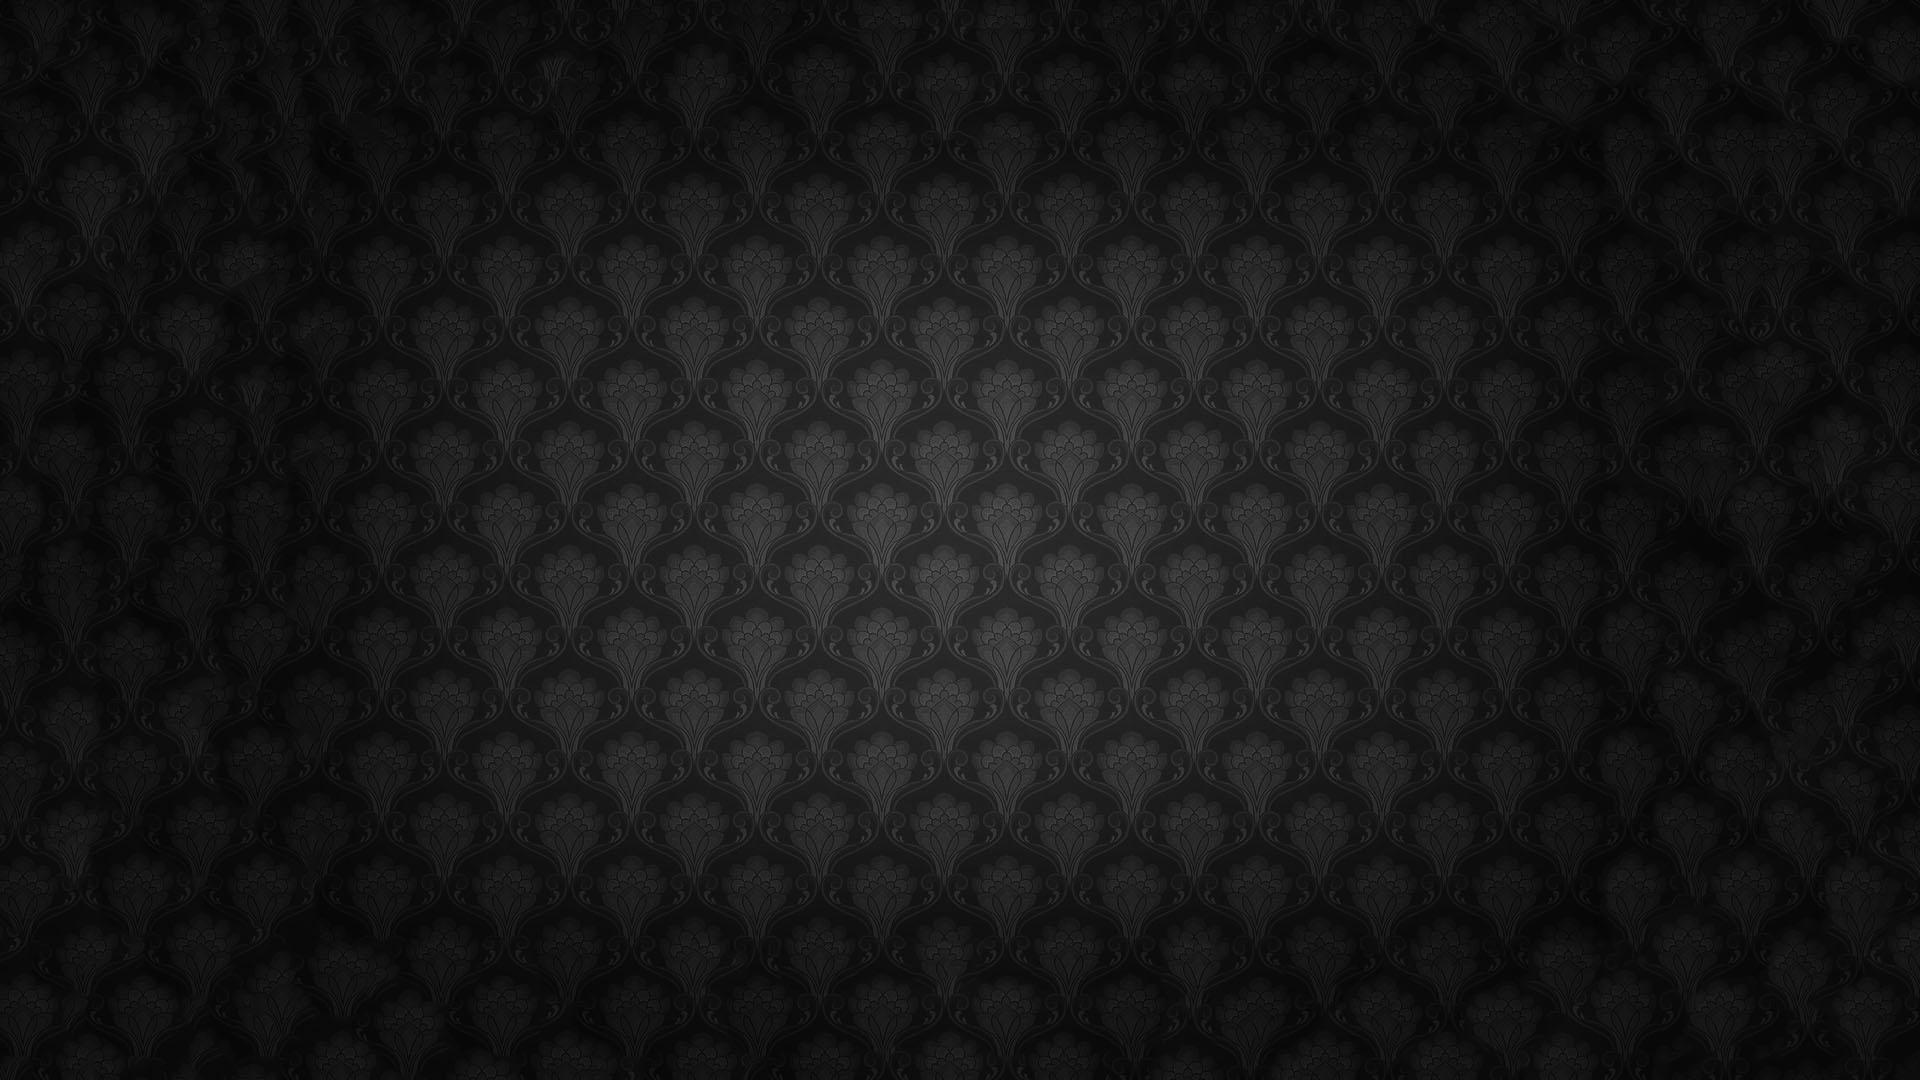 Free Luxury Wallpaper